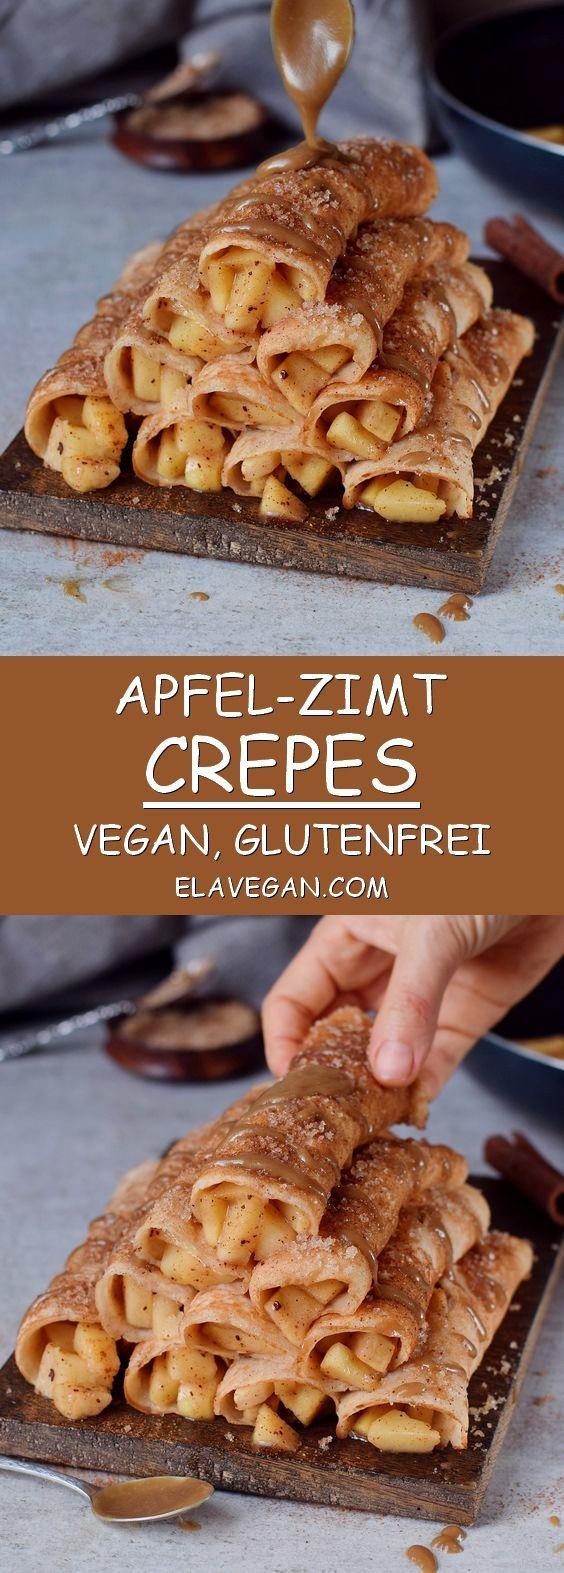 Apfel Crepes mit Zimt | vegan, glutenfrei, einfaches Rezept - Elavegan - Stacey&DessertRezepte